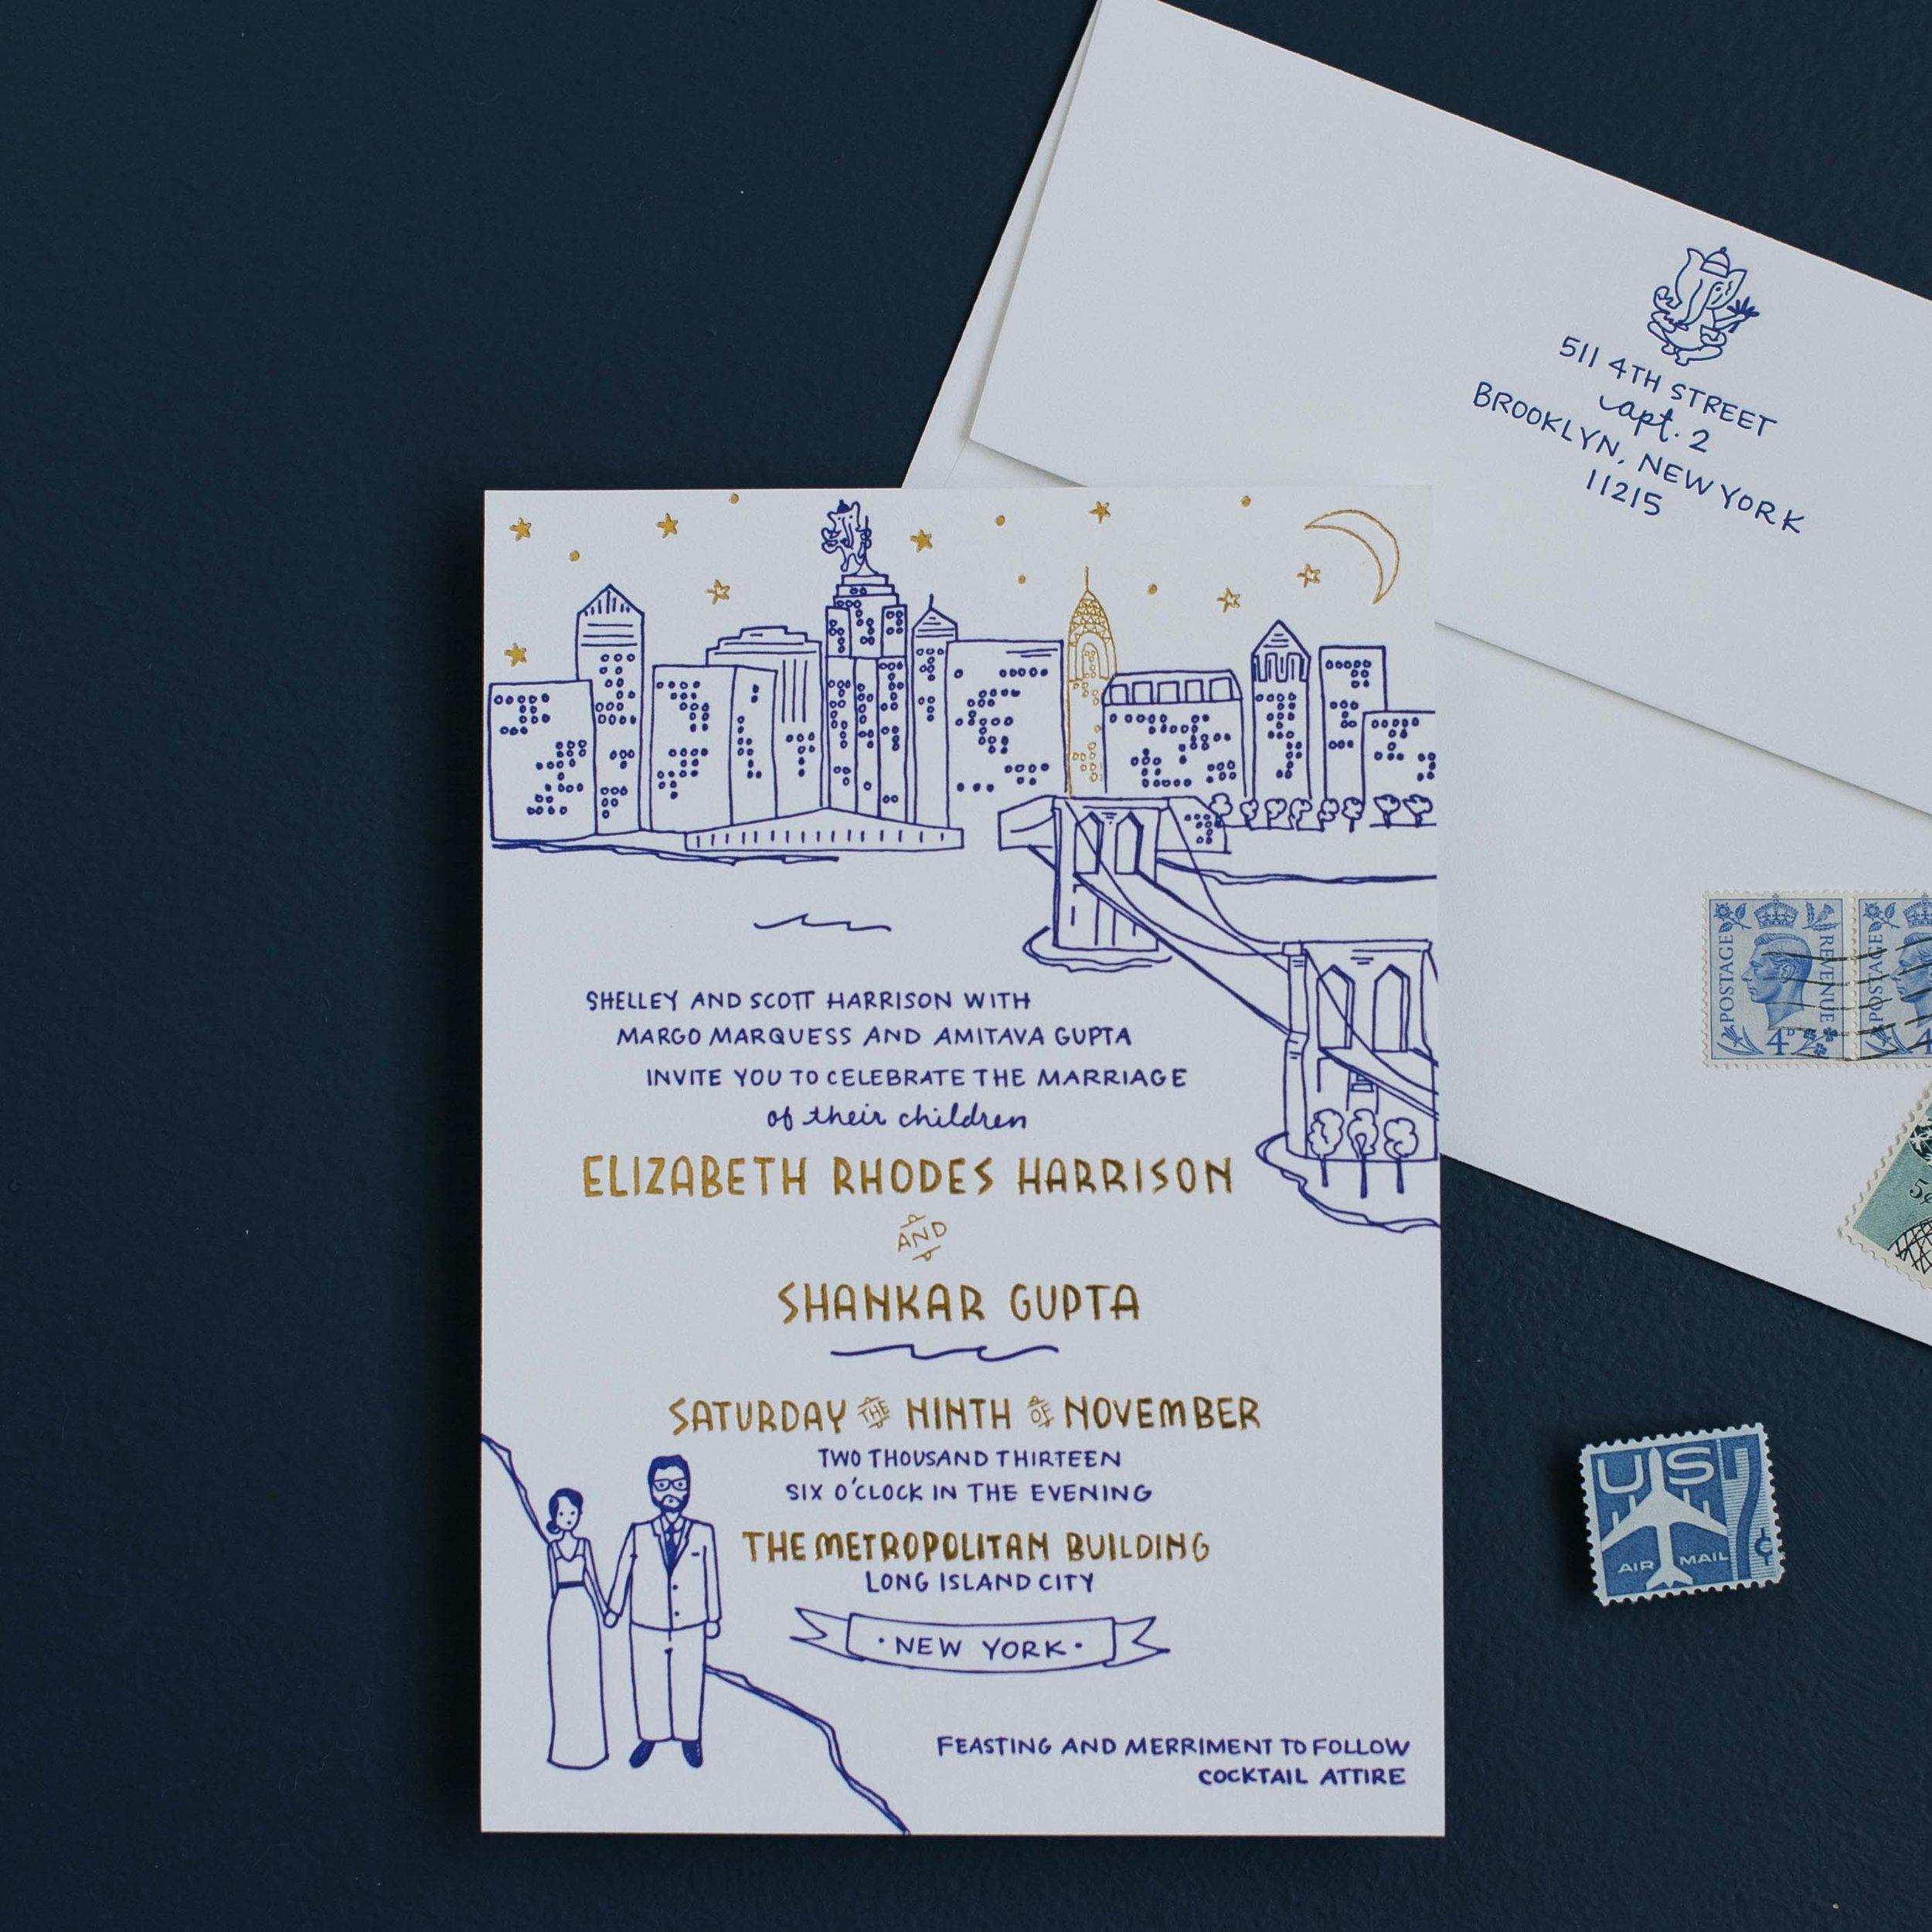 invitation_4_thumb.jpg